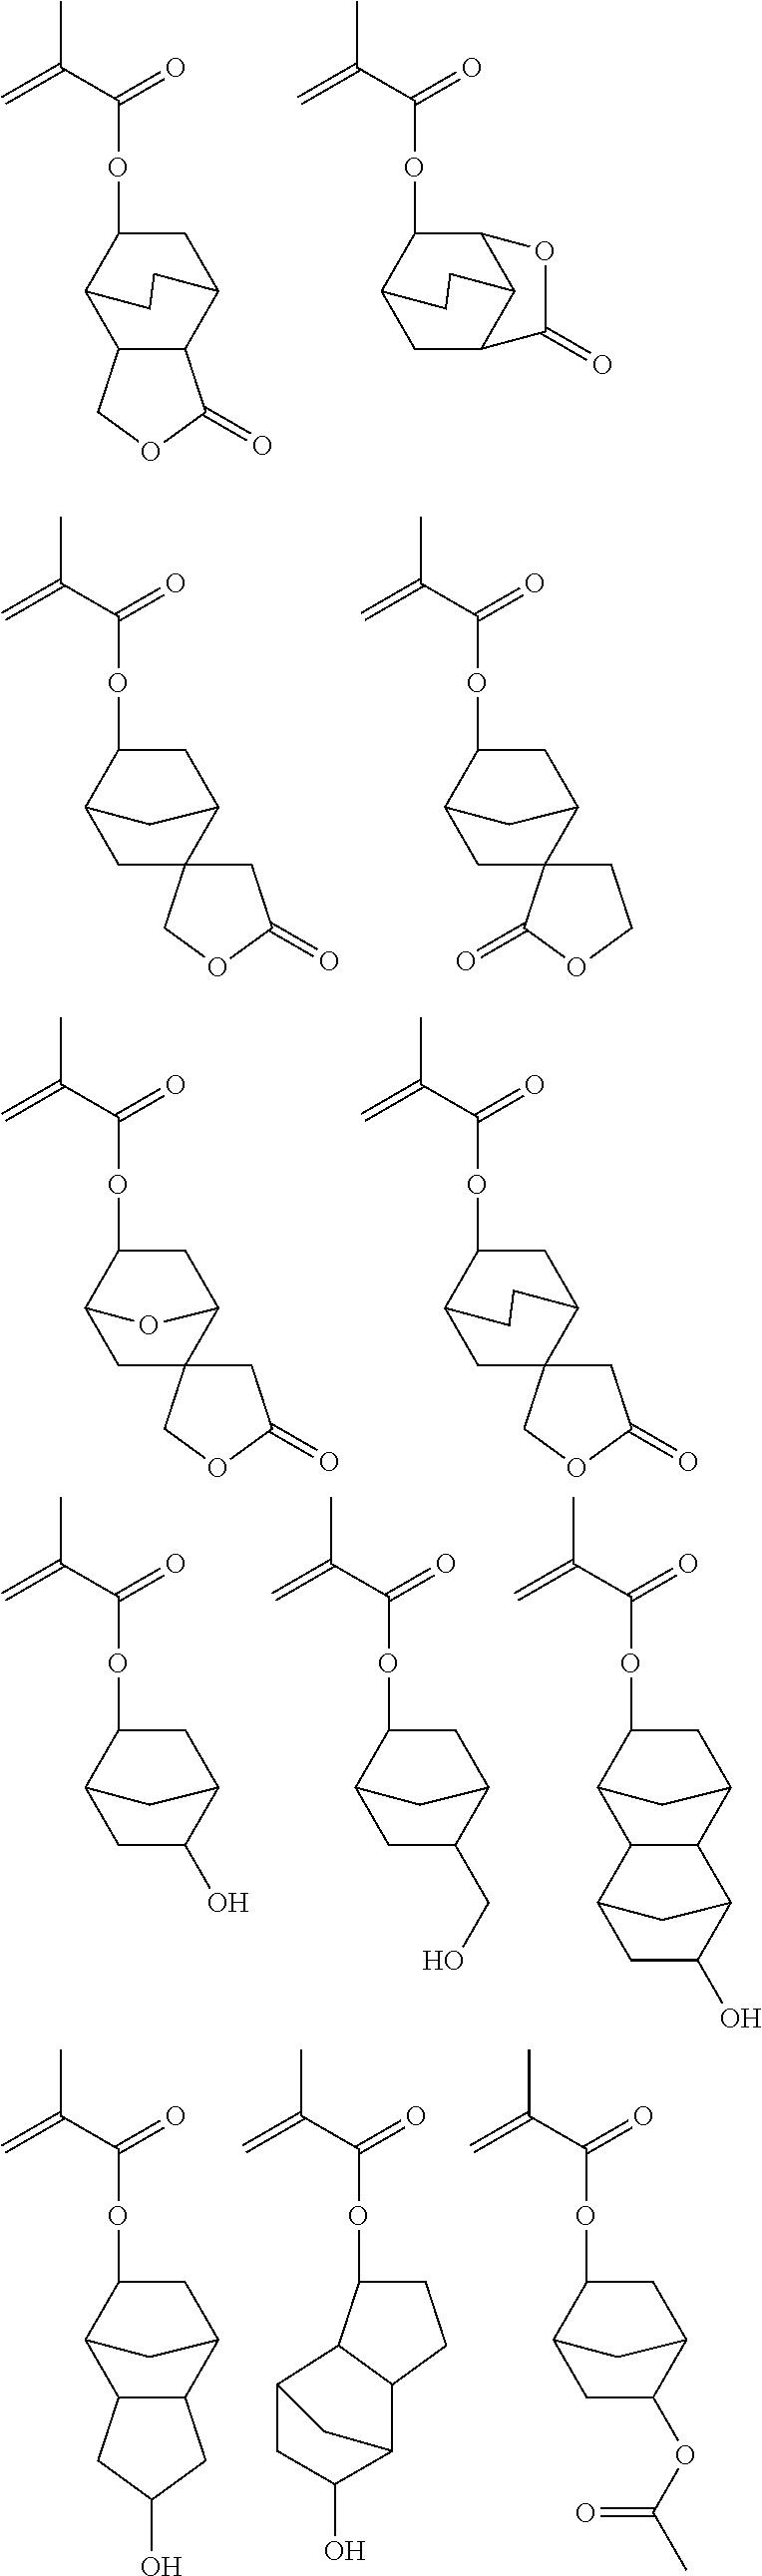 Figure US09017918-20150428-C00035